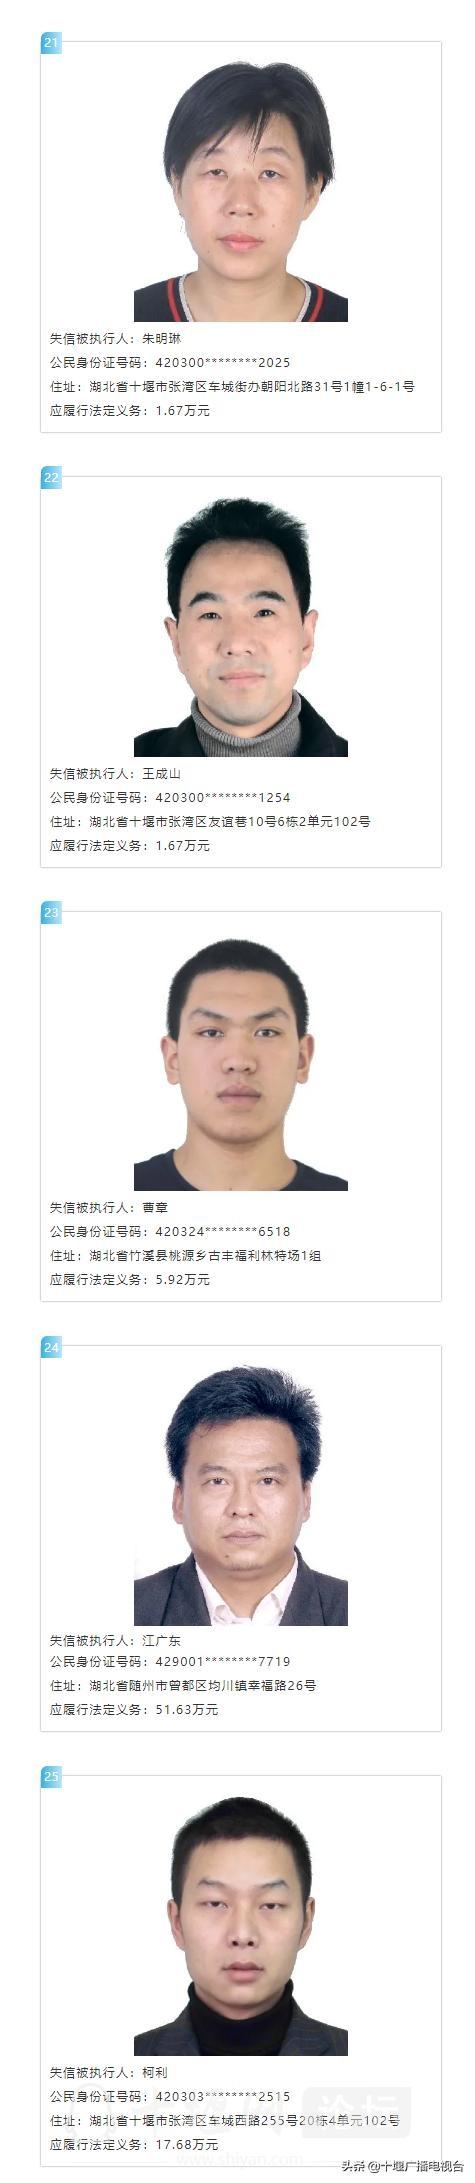 照片、住址全公开!张湾曝光50名失信被执行人-5.jpg